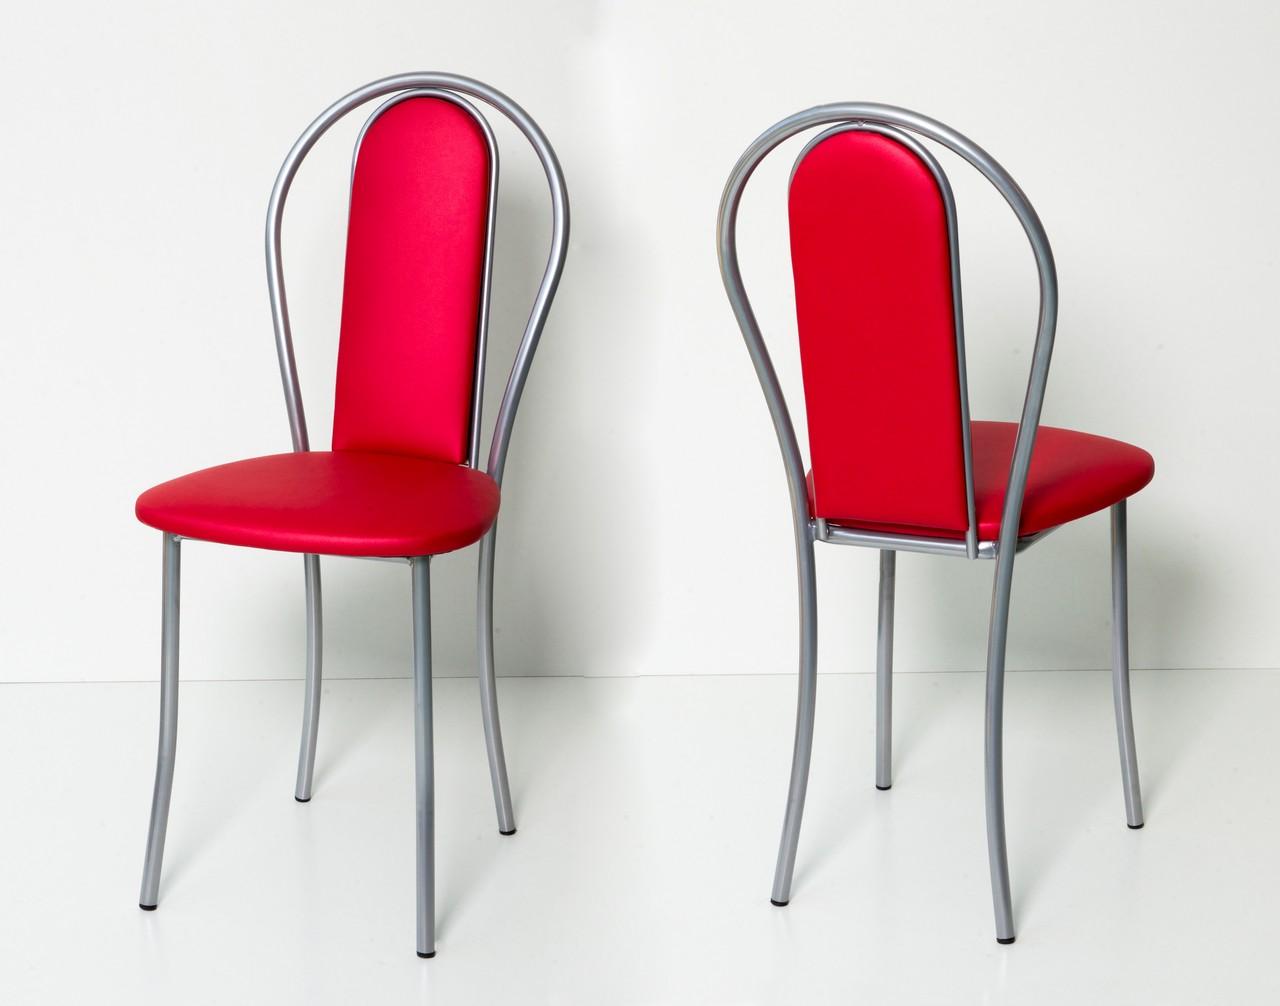 купить стулья на кухню недорого